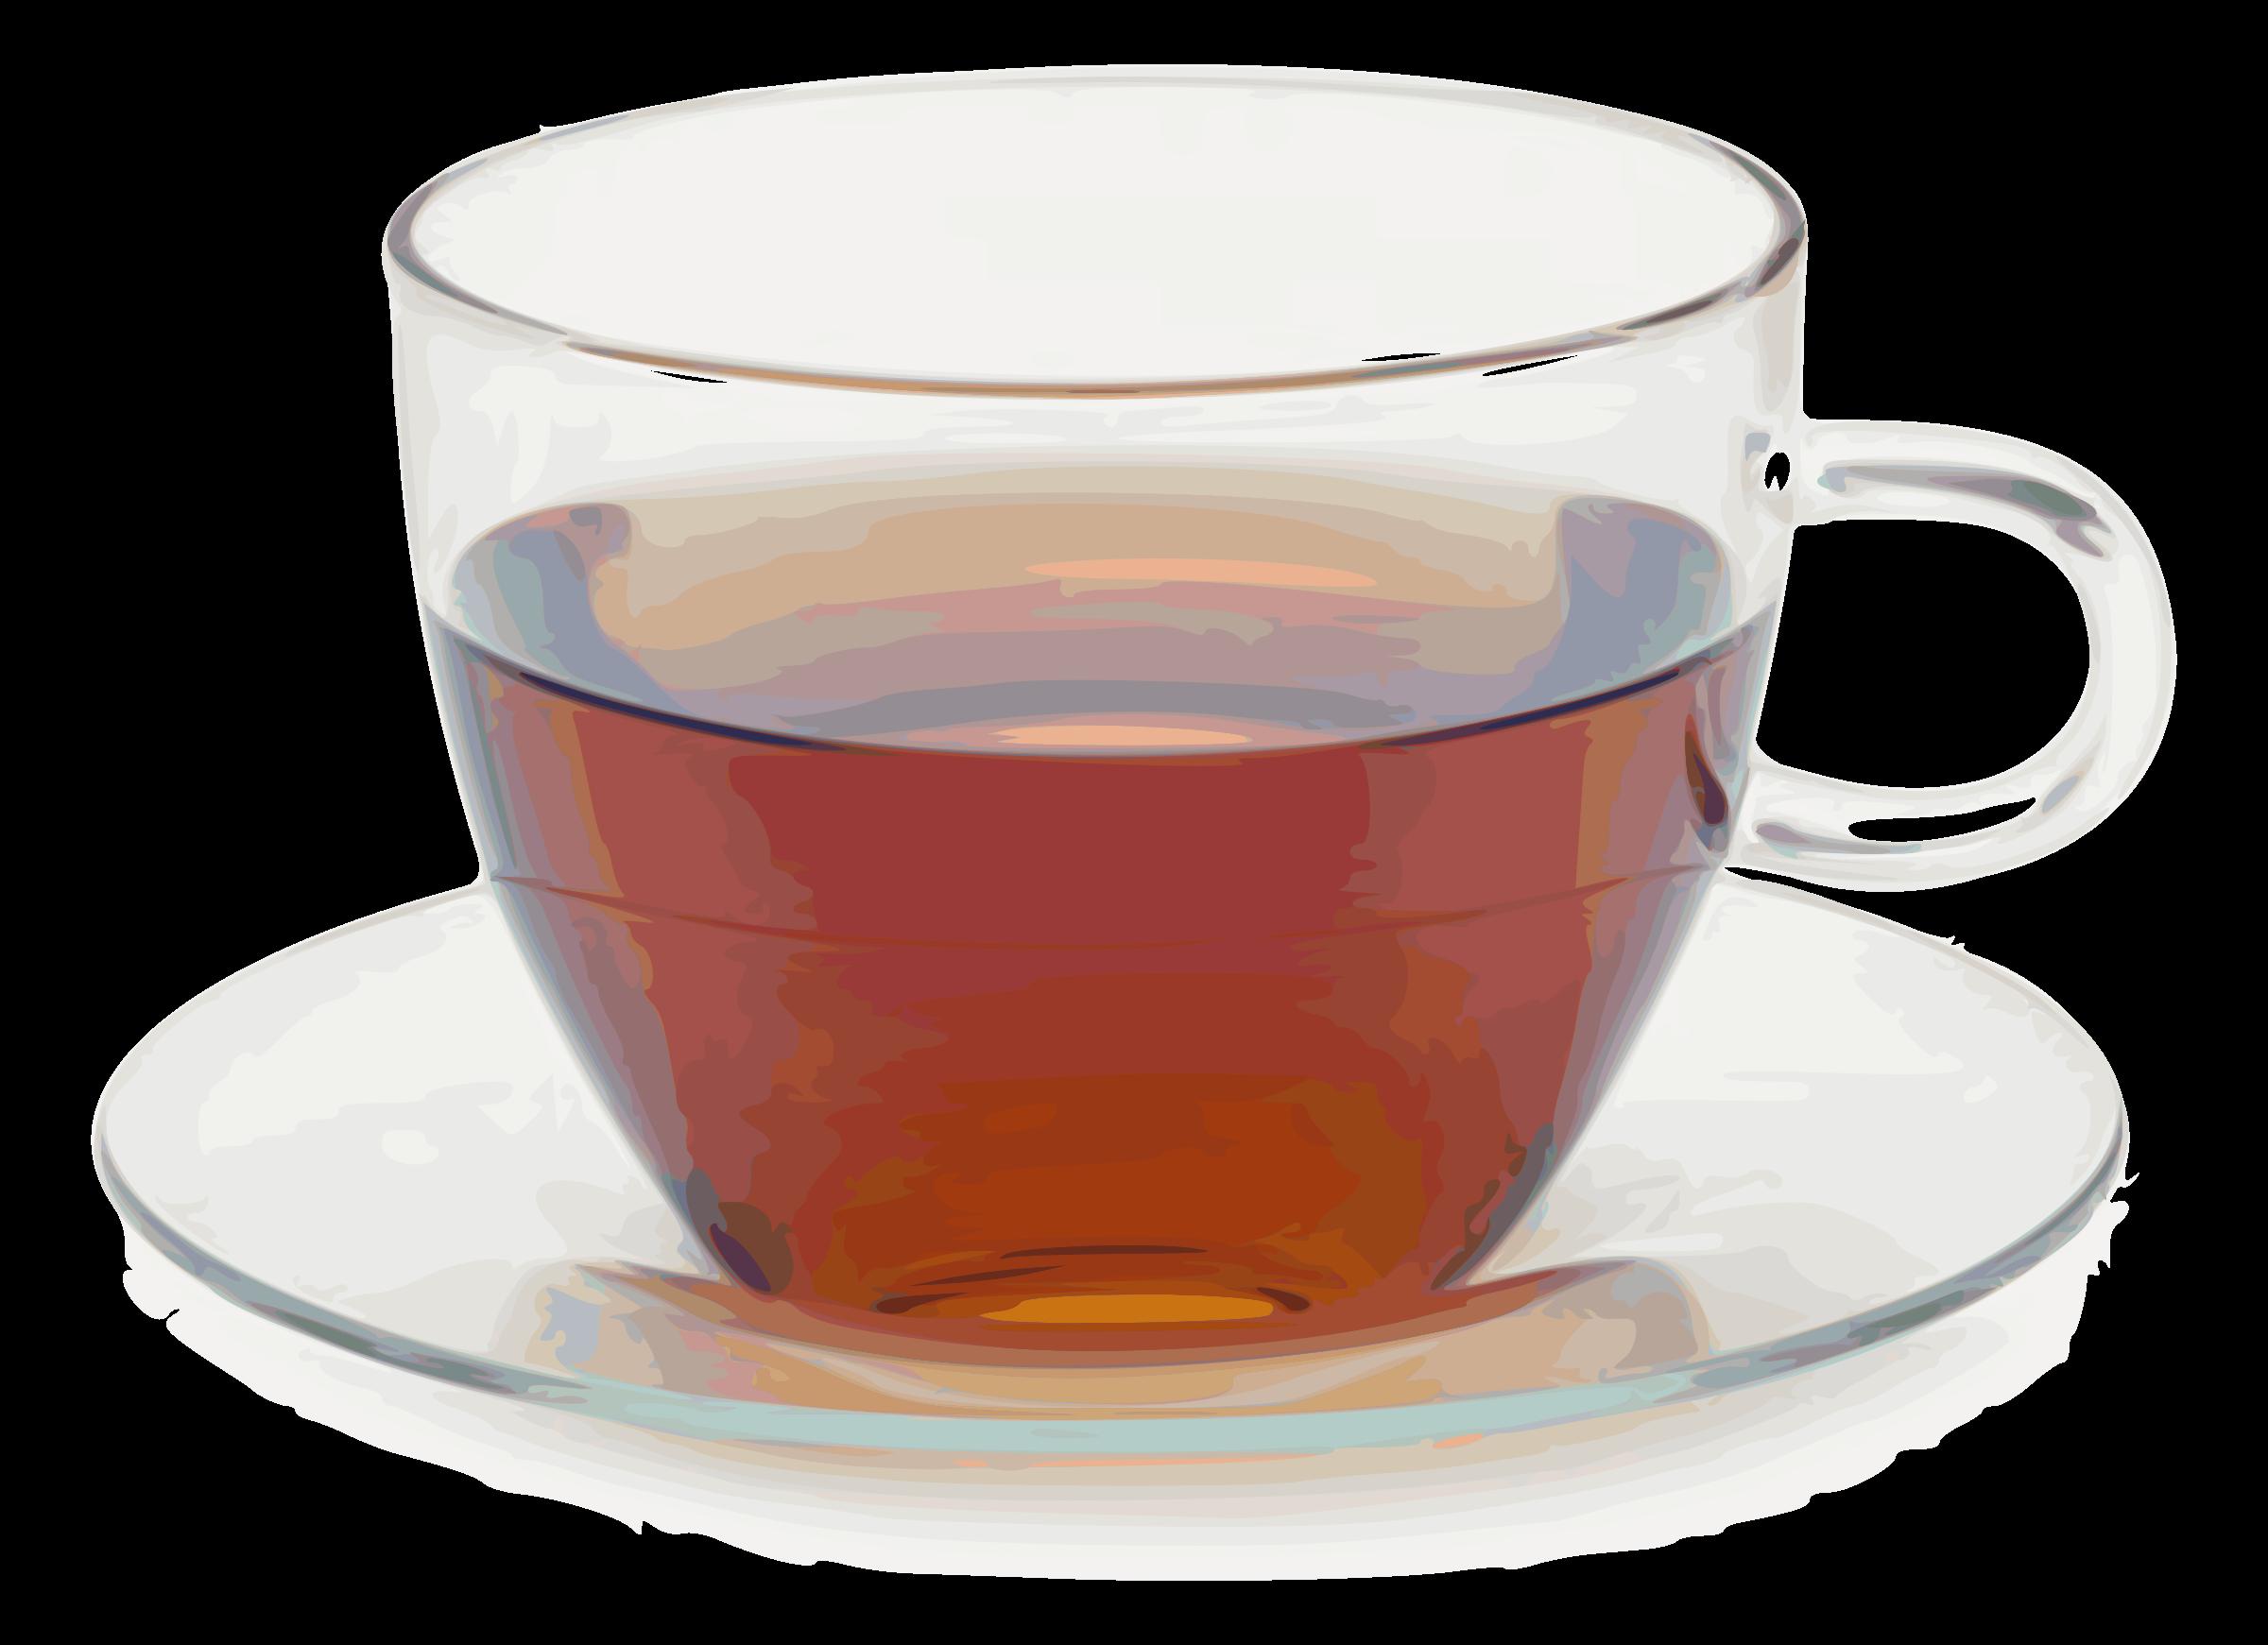 PNG Cup Of Tea - 133165